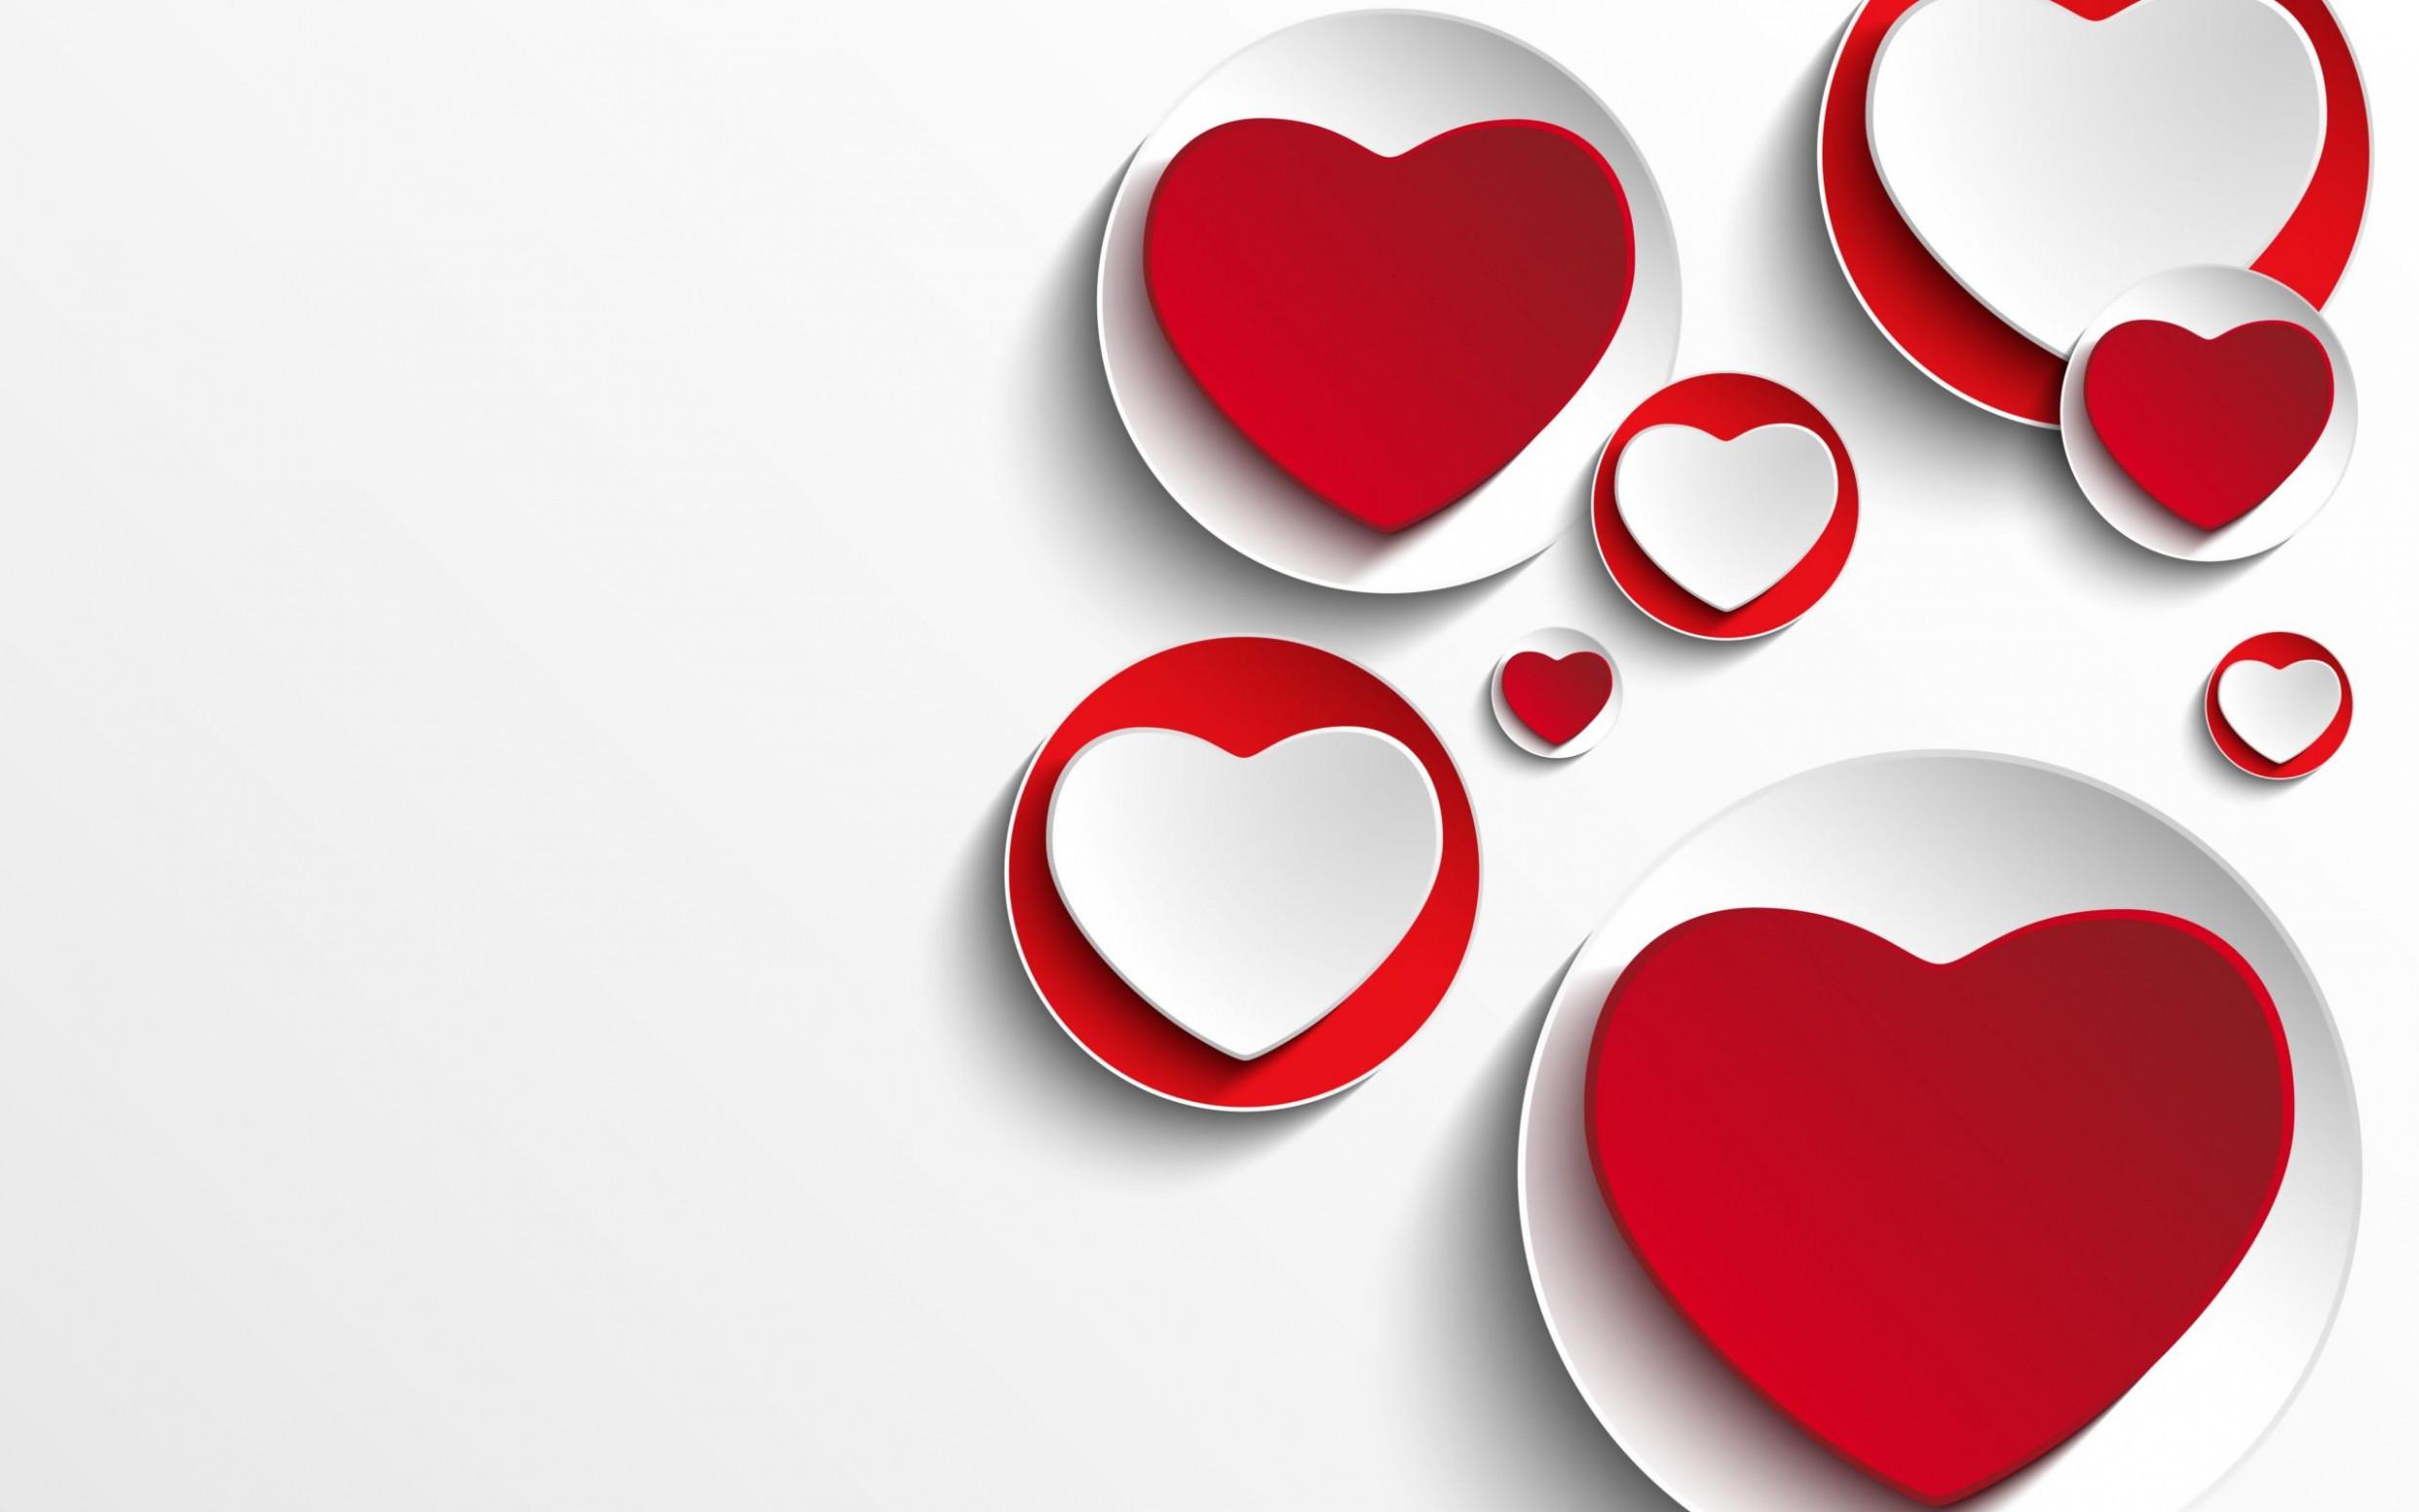 Res: 2483x1552, heart wallpaper hd #35853